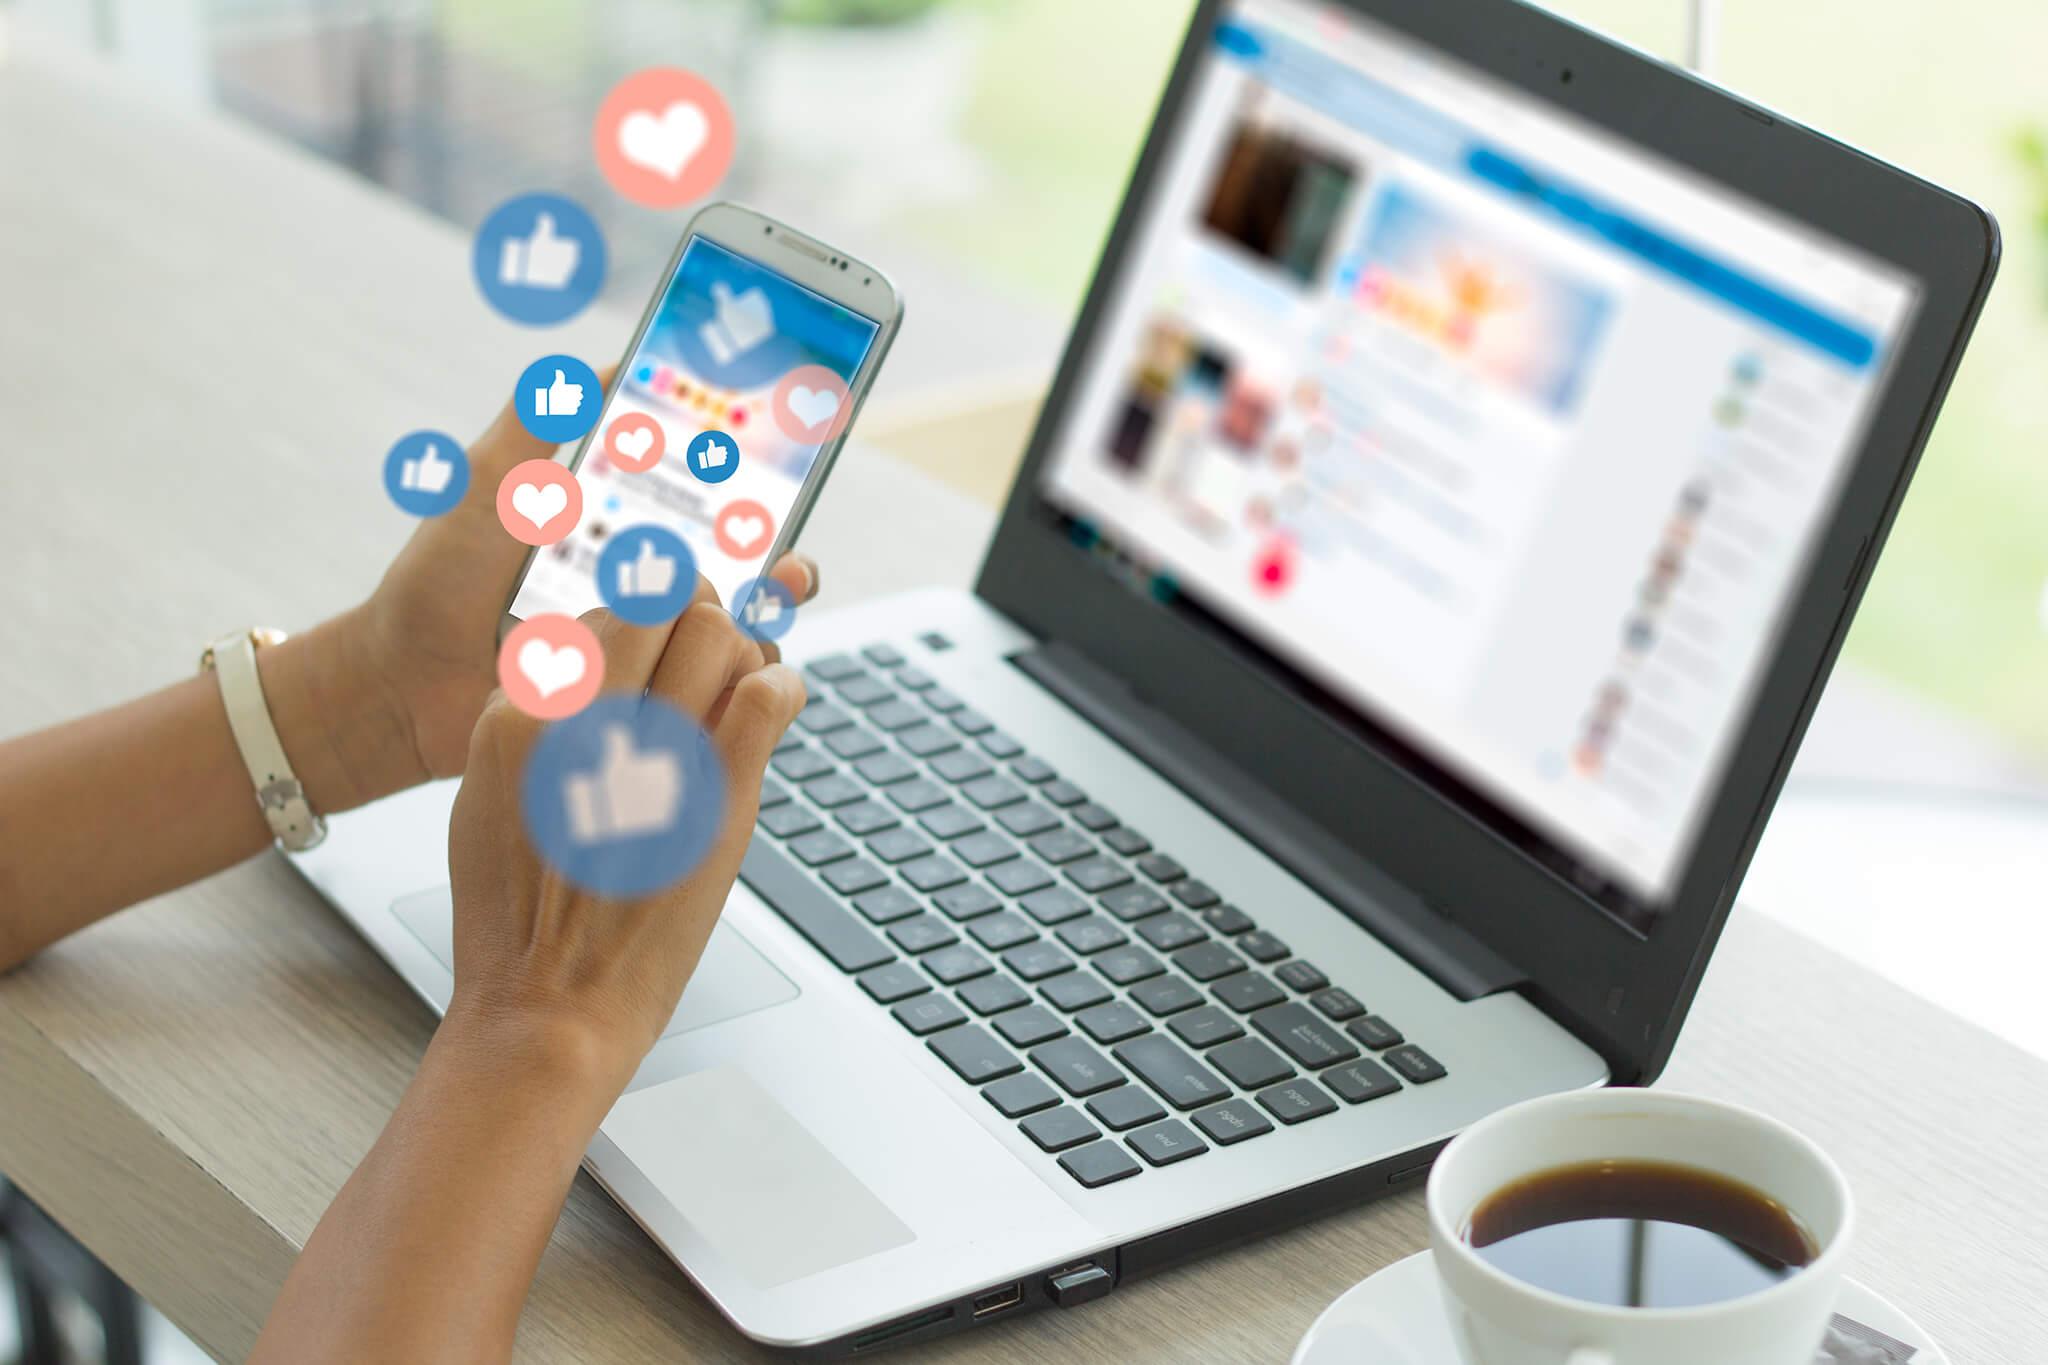 Social Media Marketing in 2020: Does it Still Work